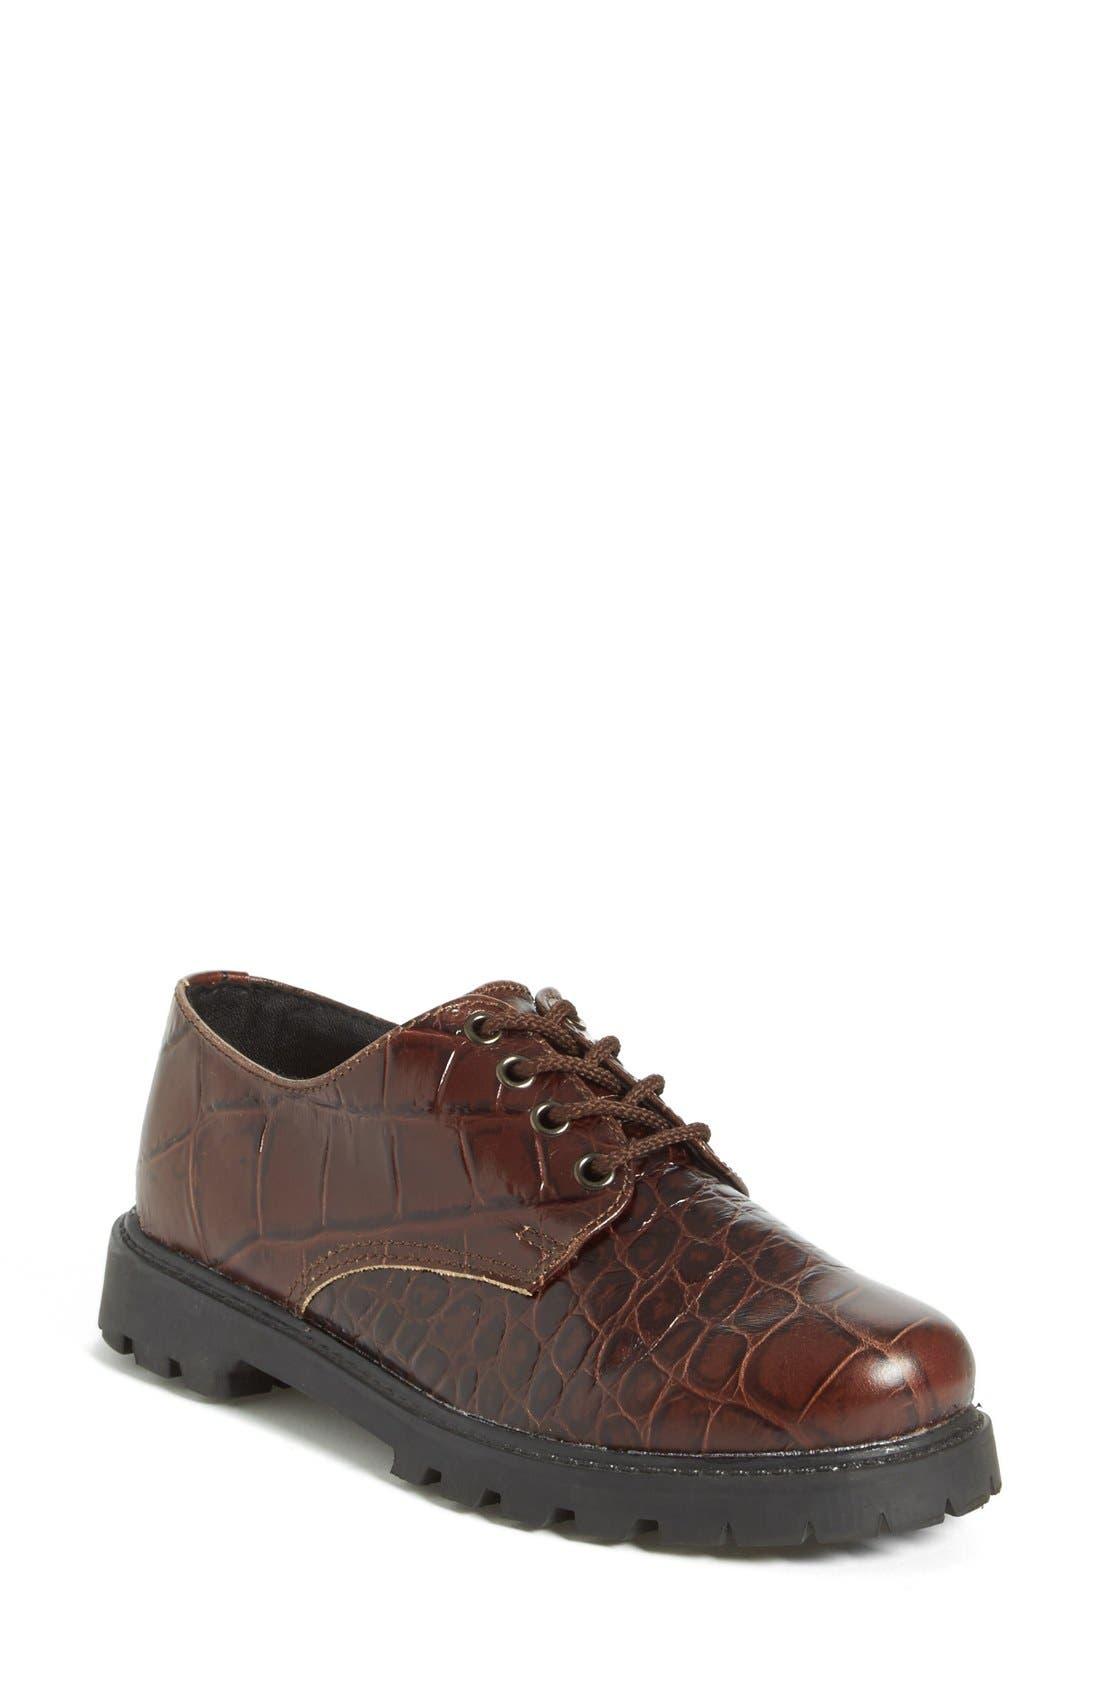 'School Shoe' Lace-Up Oxford,                         Main,                         color, 210